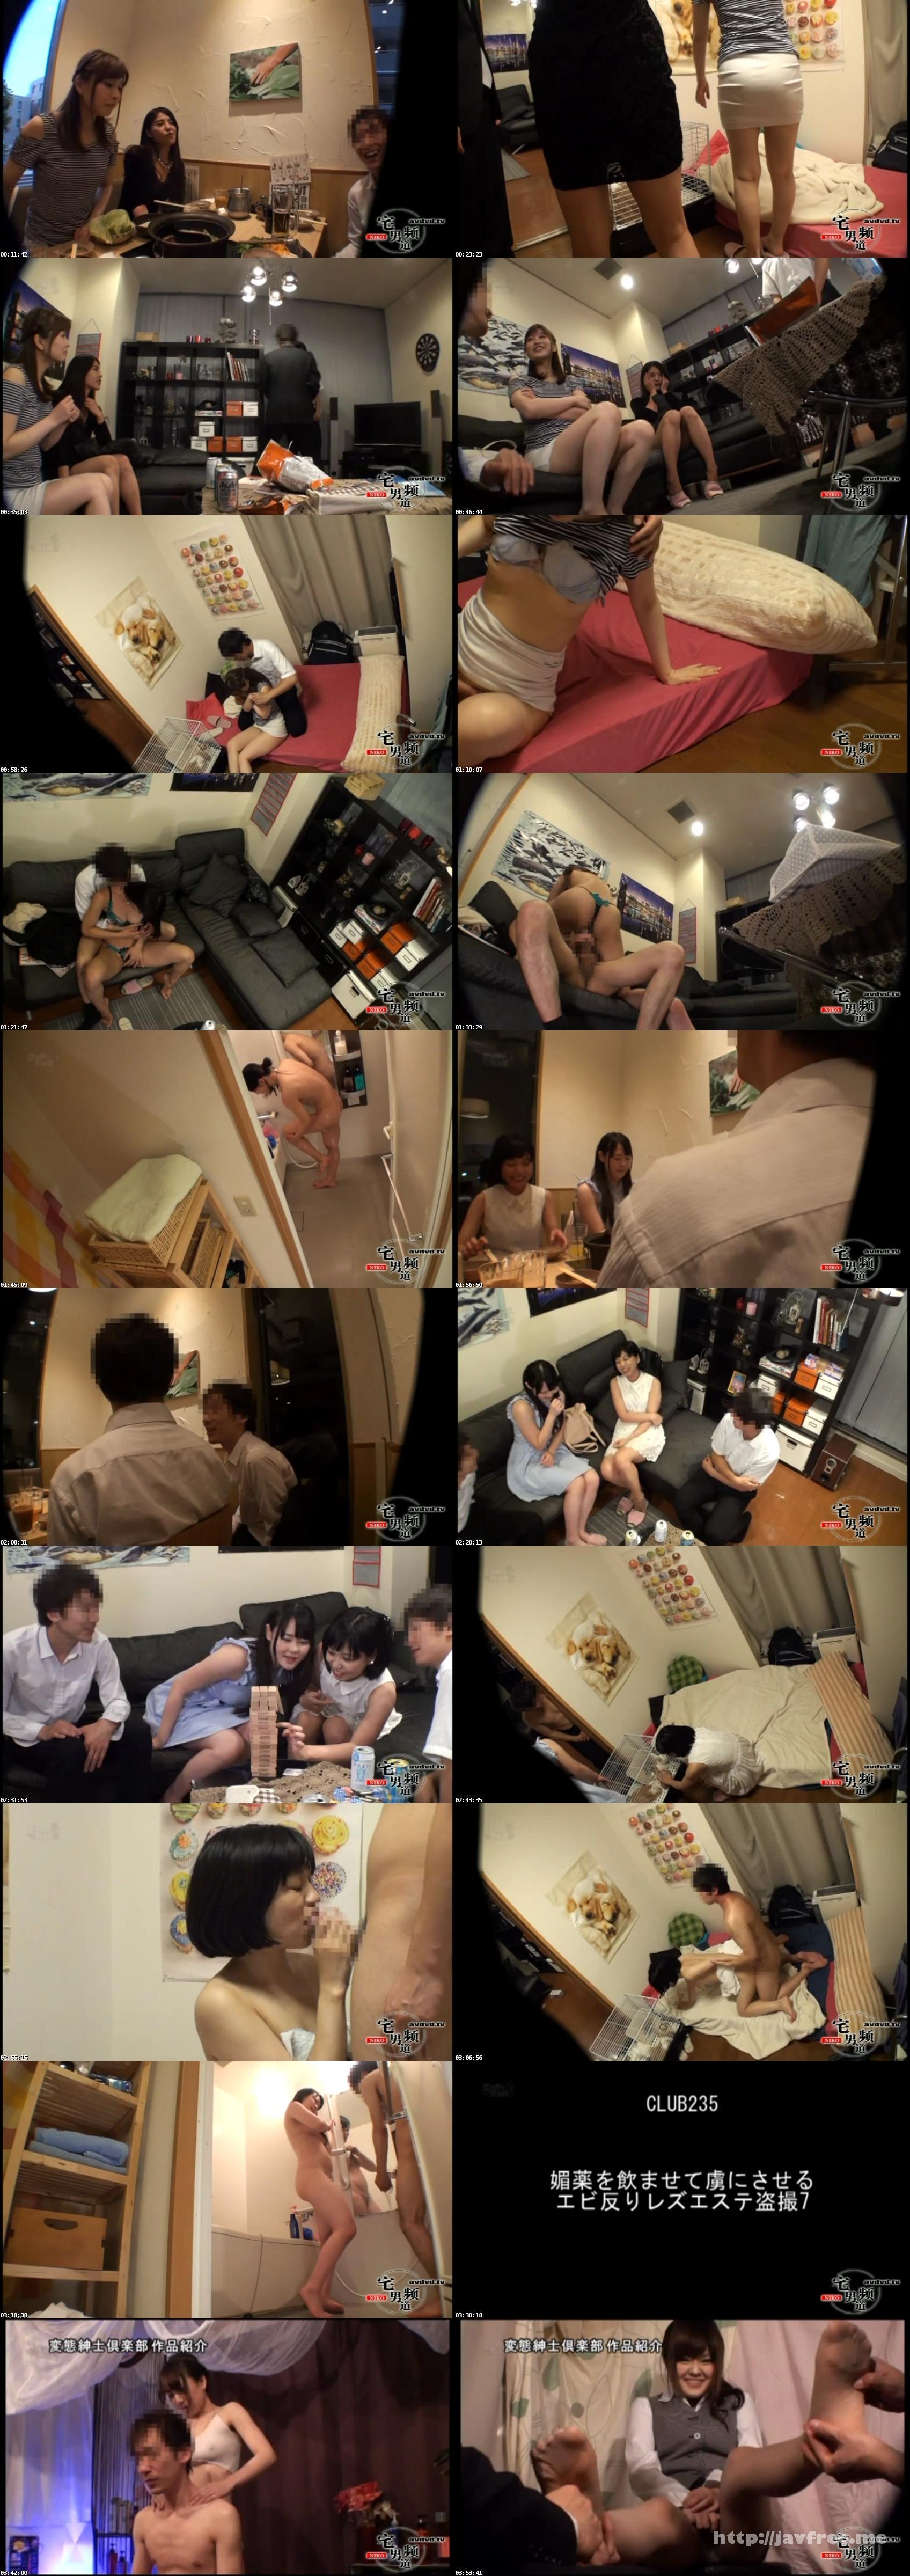 [CLUB 240] 相席居酒屋でナンパした仲良し2人組をお持ち帰り。コソコソHしていると隣の部屋にいるガードの堅い女友達はヤラせてくれるか 其の伍 CLUB